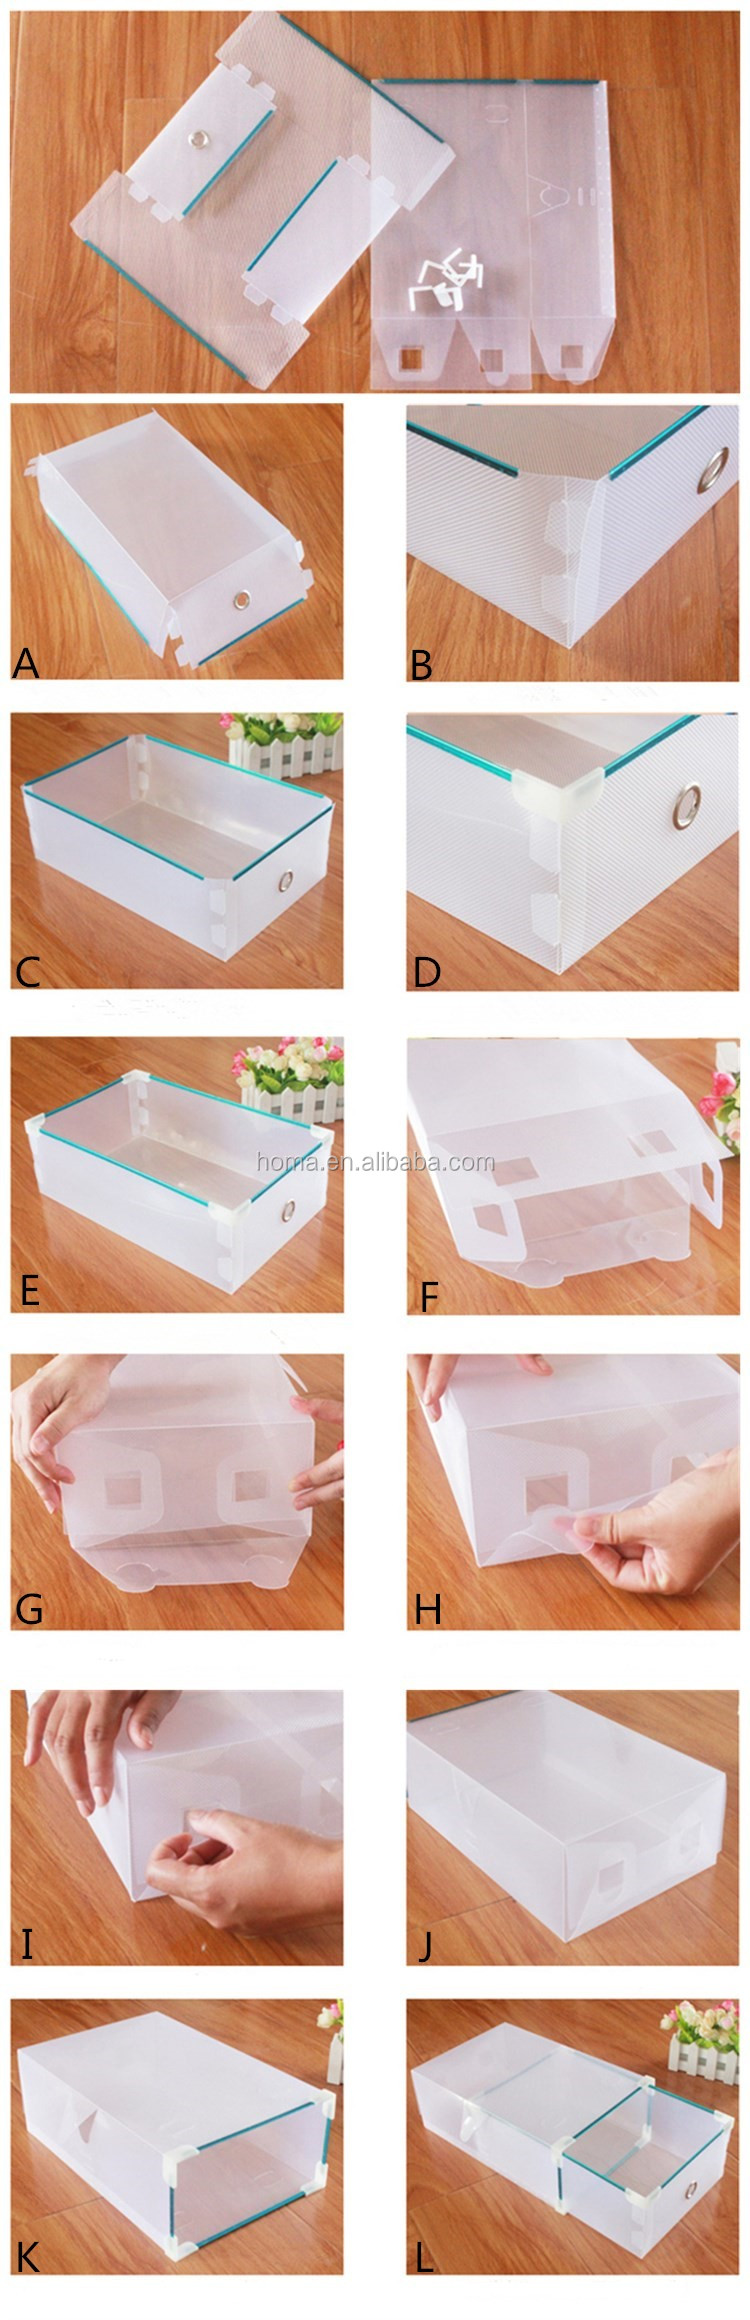 Walmart Embalaje Caja De Zapatos Caja De Pl Stico Transparente  ~ Cajas Transparentes Para Zapatos